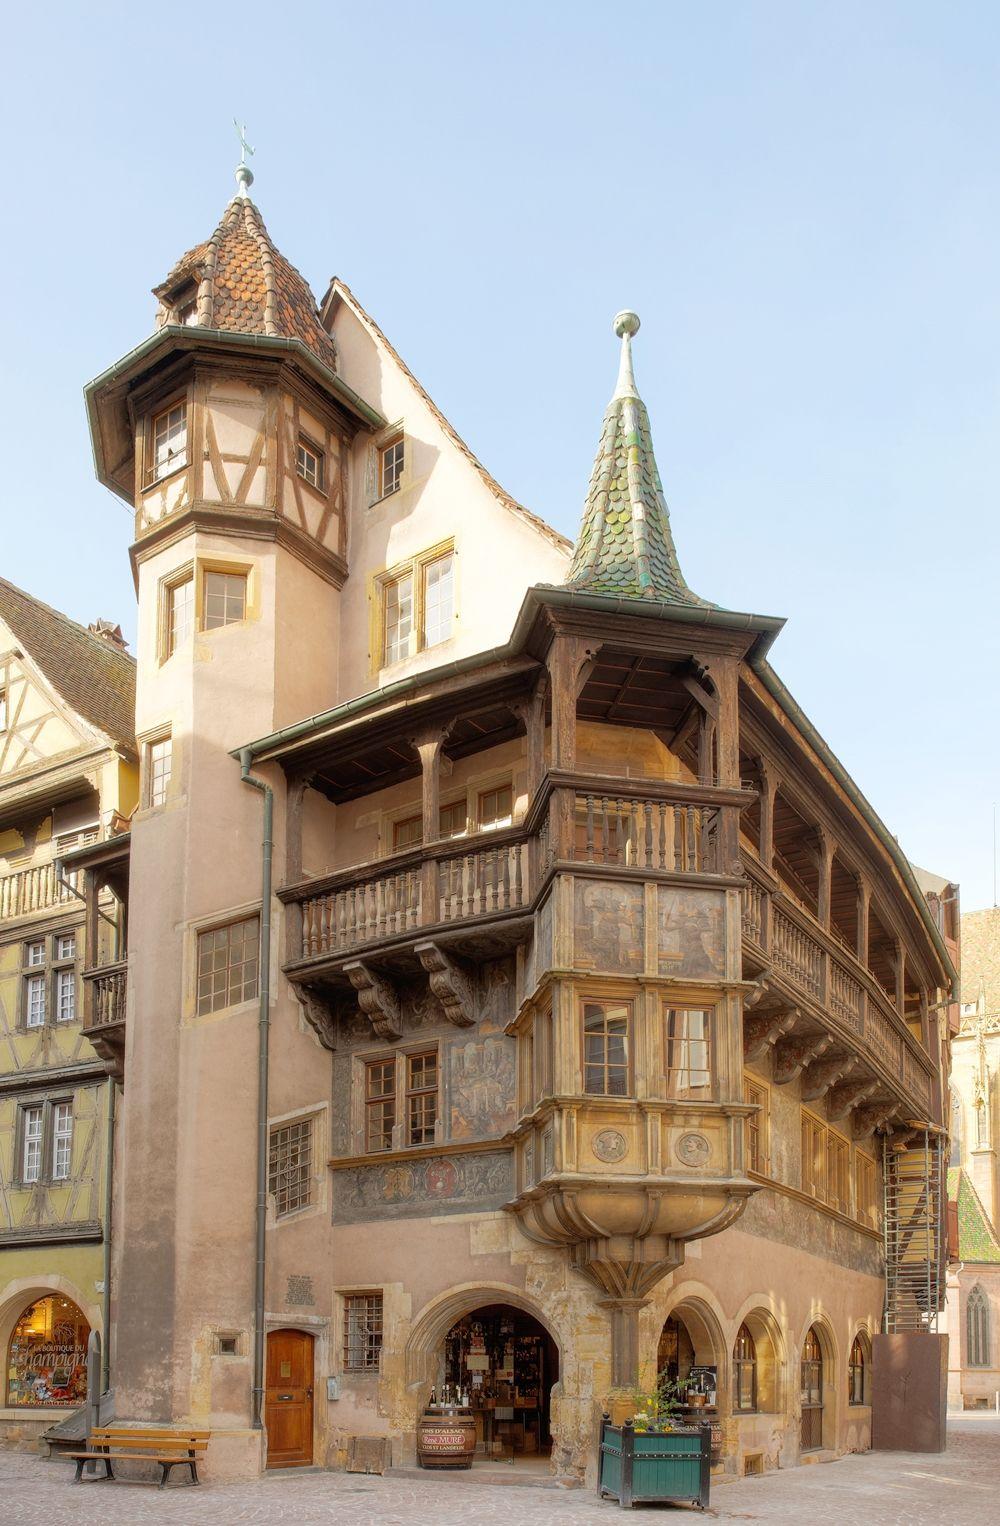 Les 25 meilleures id es de la cat gorie colmar hotel sur - Residence les jardins d alsace strasbourg ...